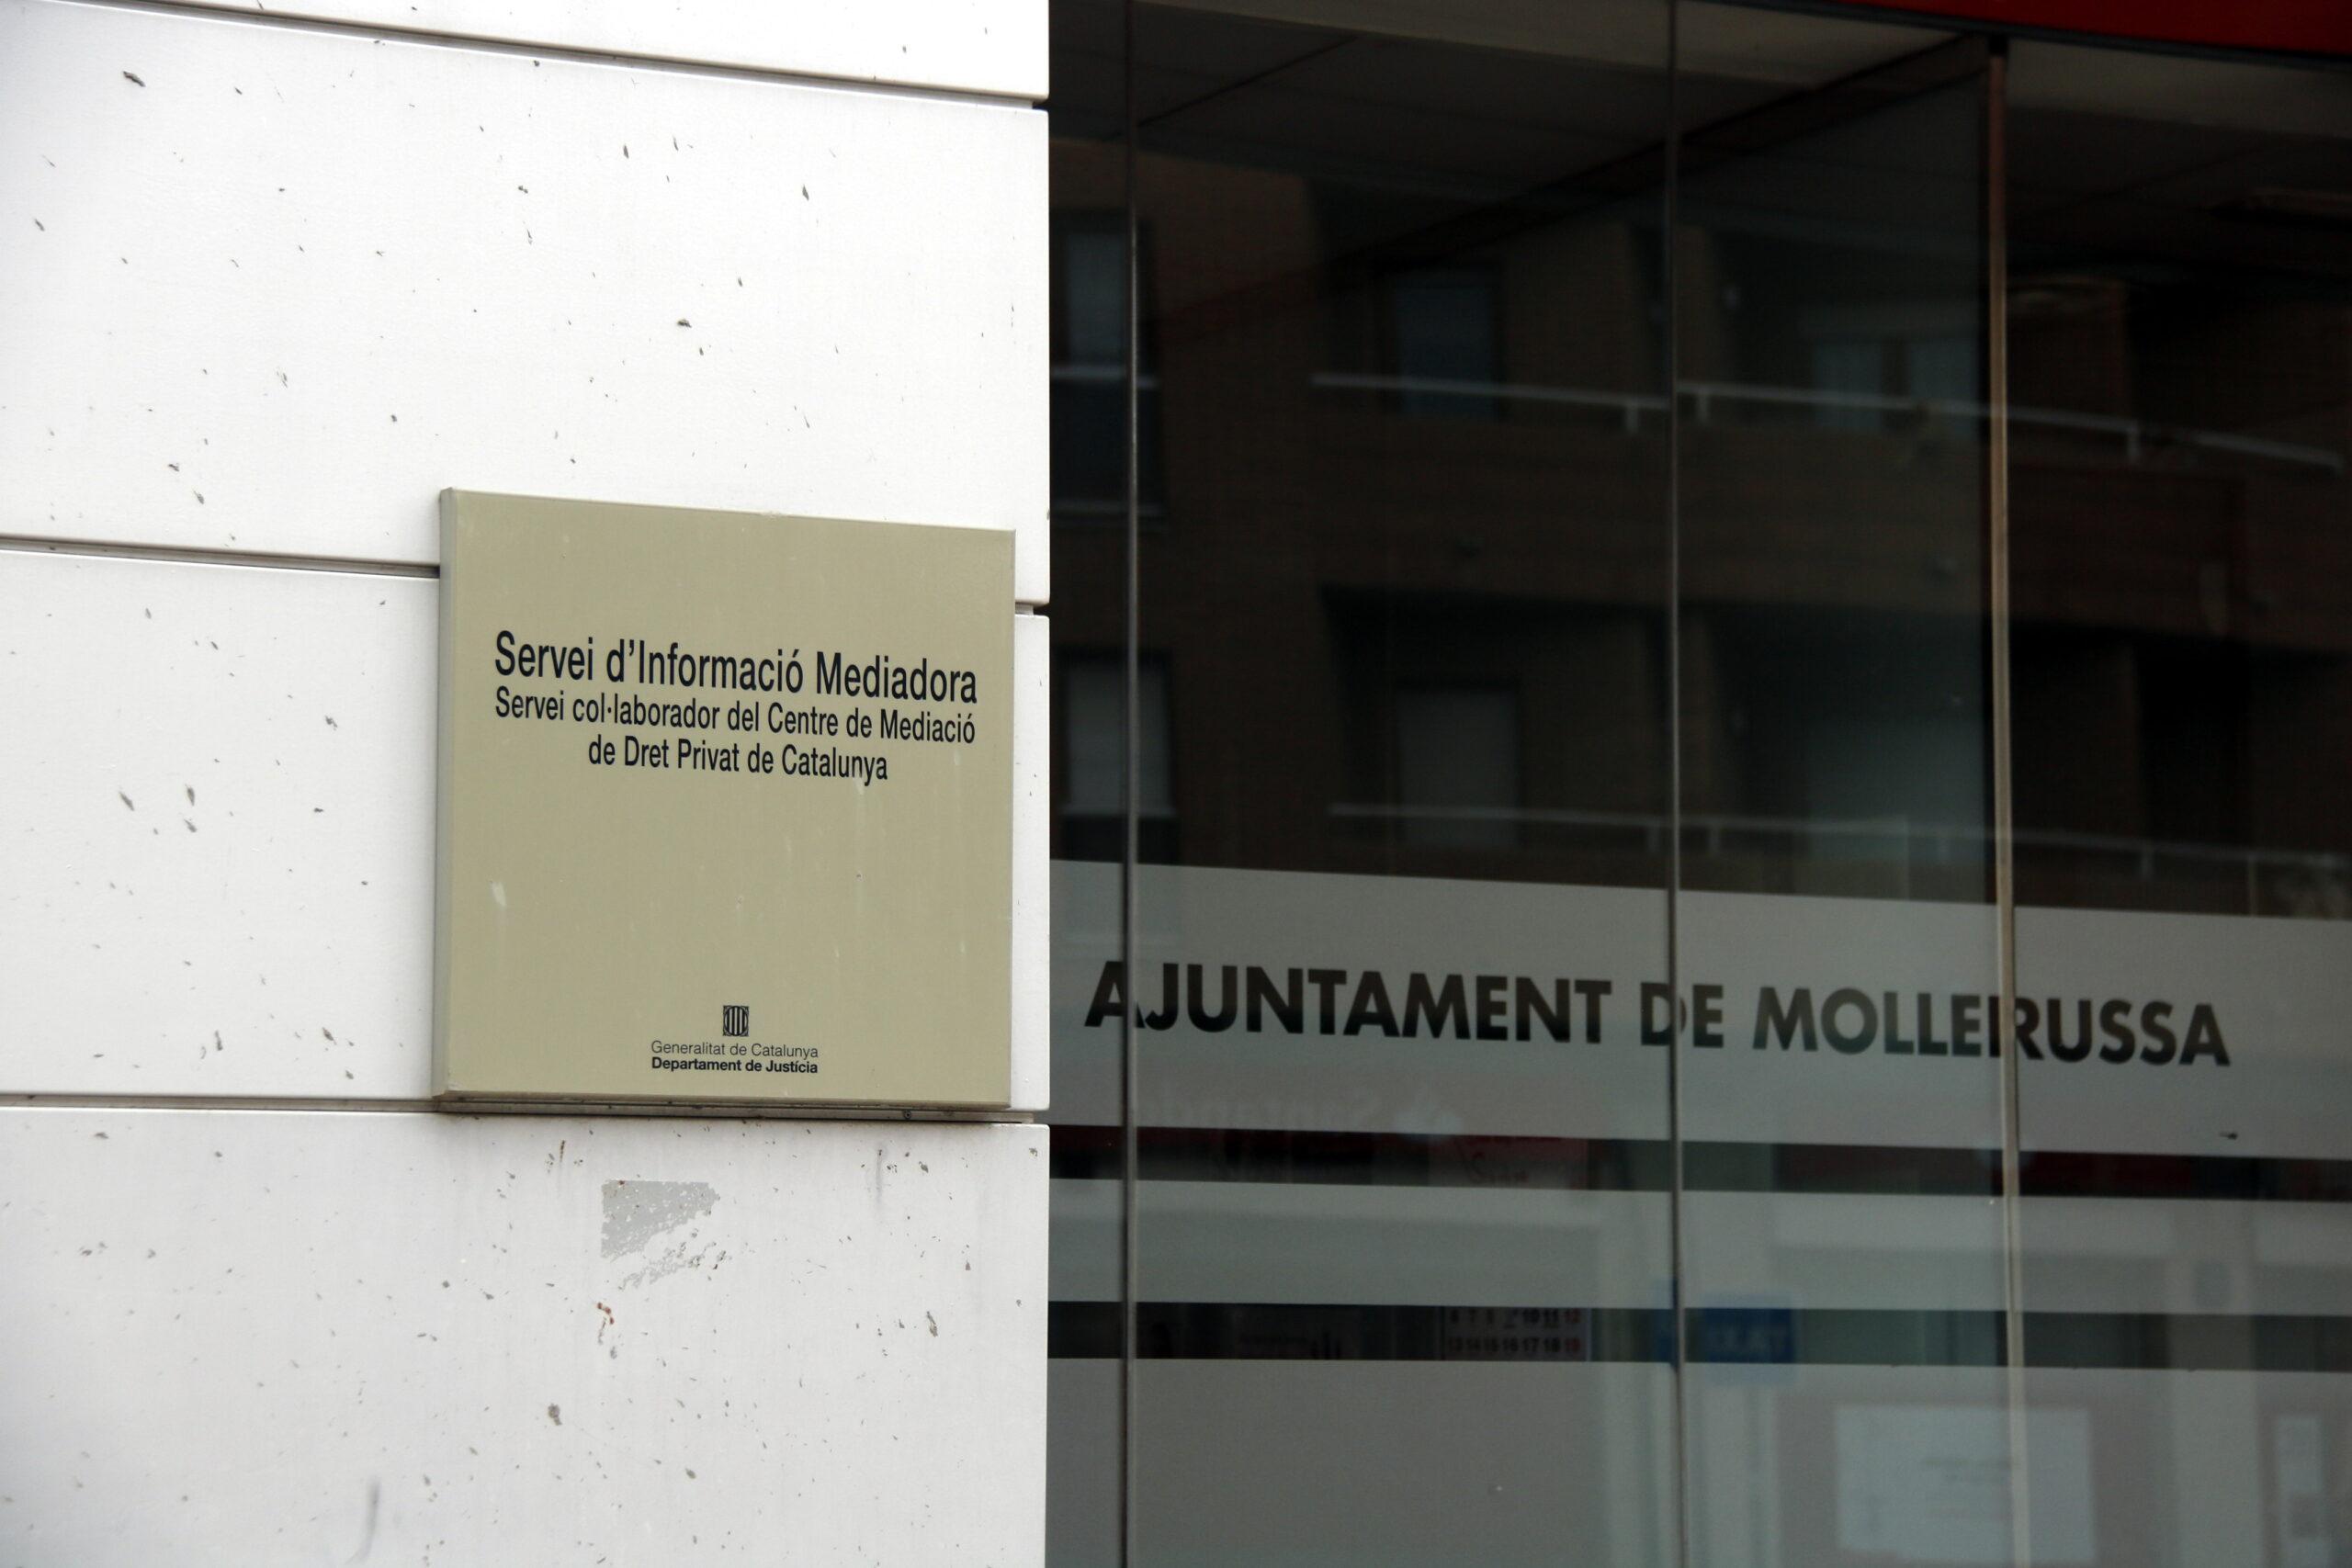 Pla tancat on es pot veure els cartells de la Regidoria de Benestar Social i Ciutadania de Mollerussa on treballa el tècnic detingut per corrupció de menors, el 9 de maig de 2019. (Horitzontal)